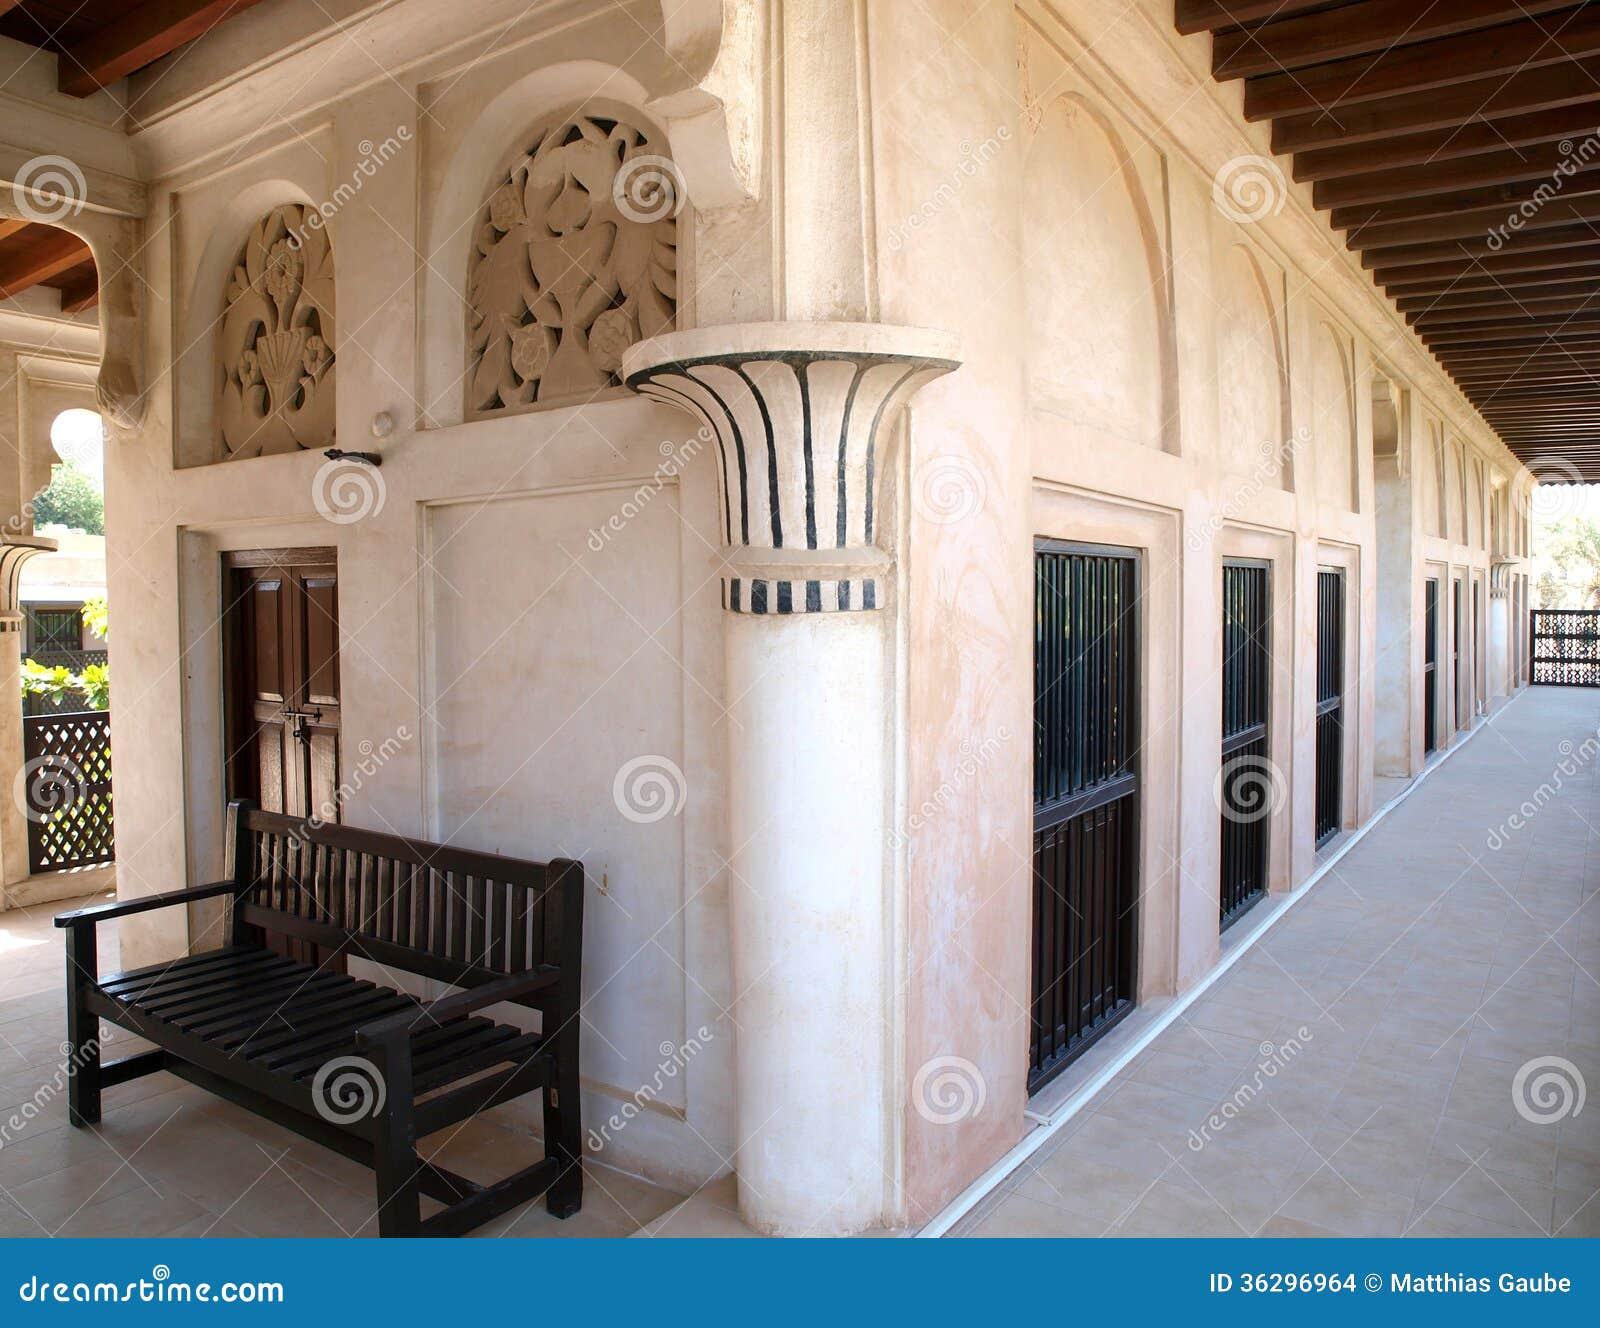 Maison arabe 2 photo stock image du rampe architecture for Architecture maison arabe